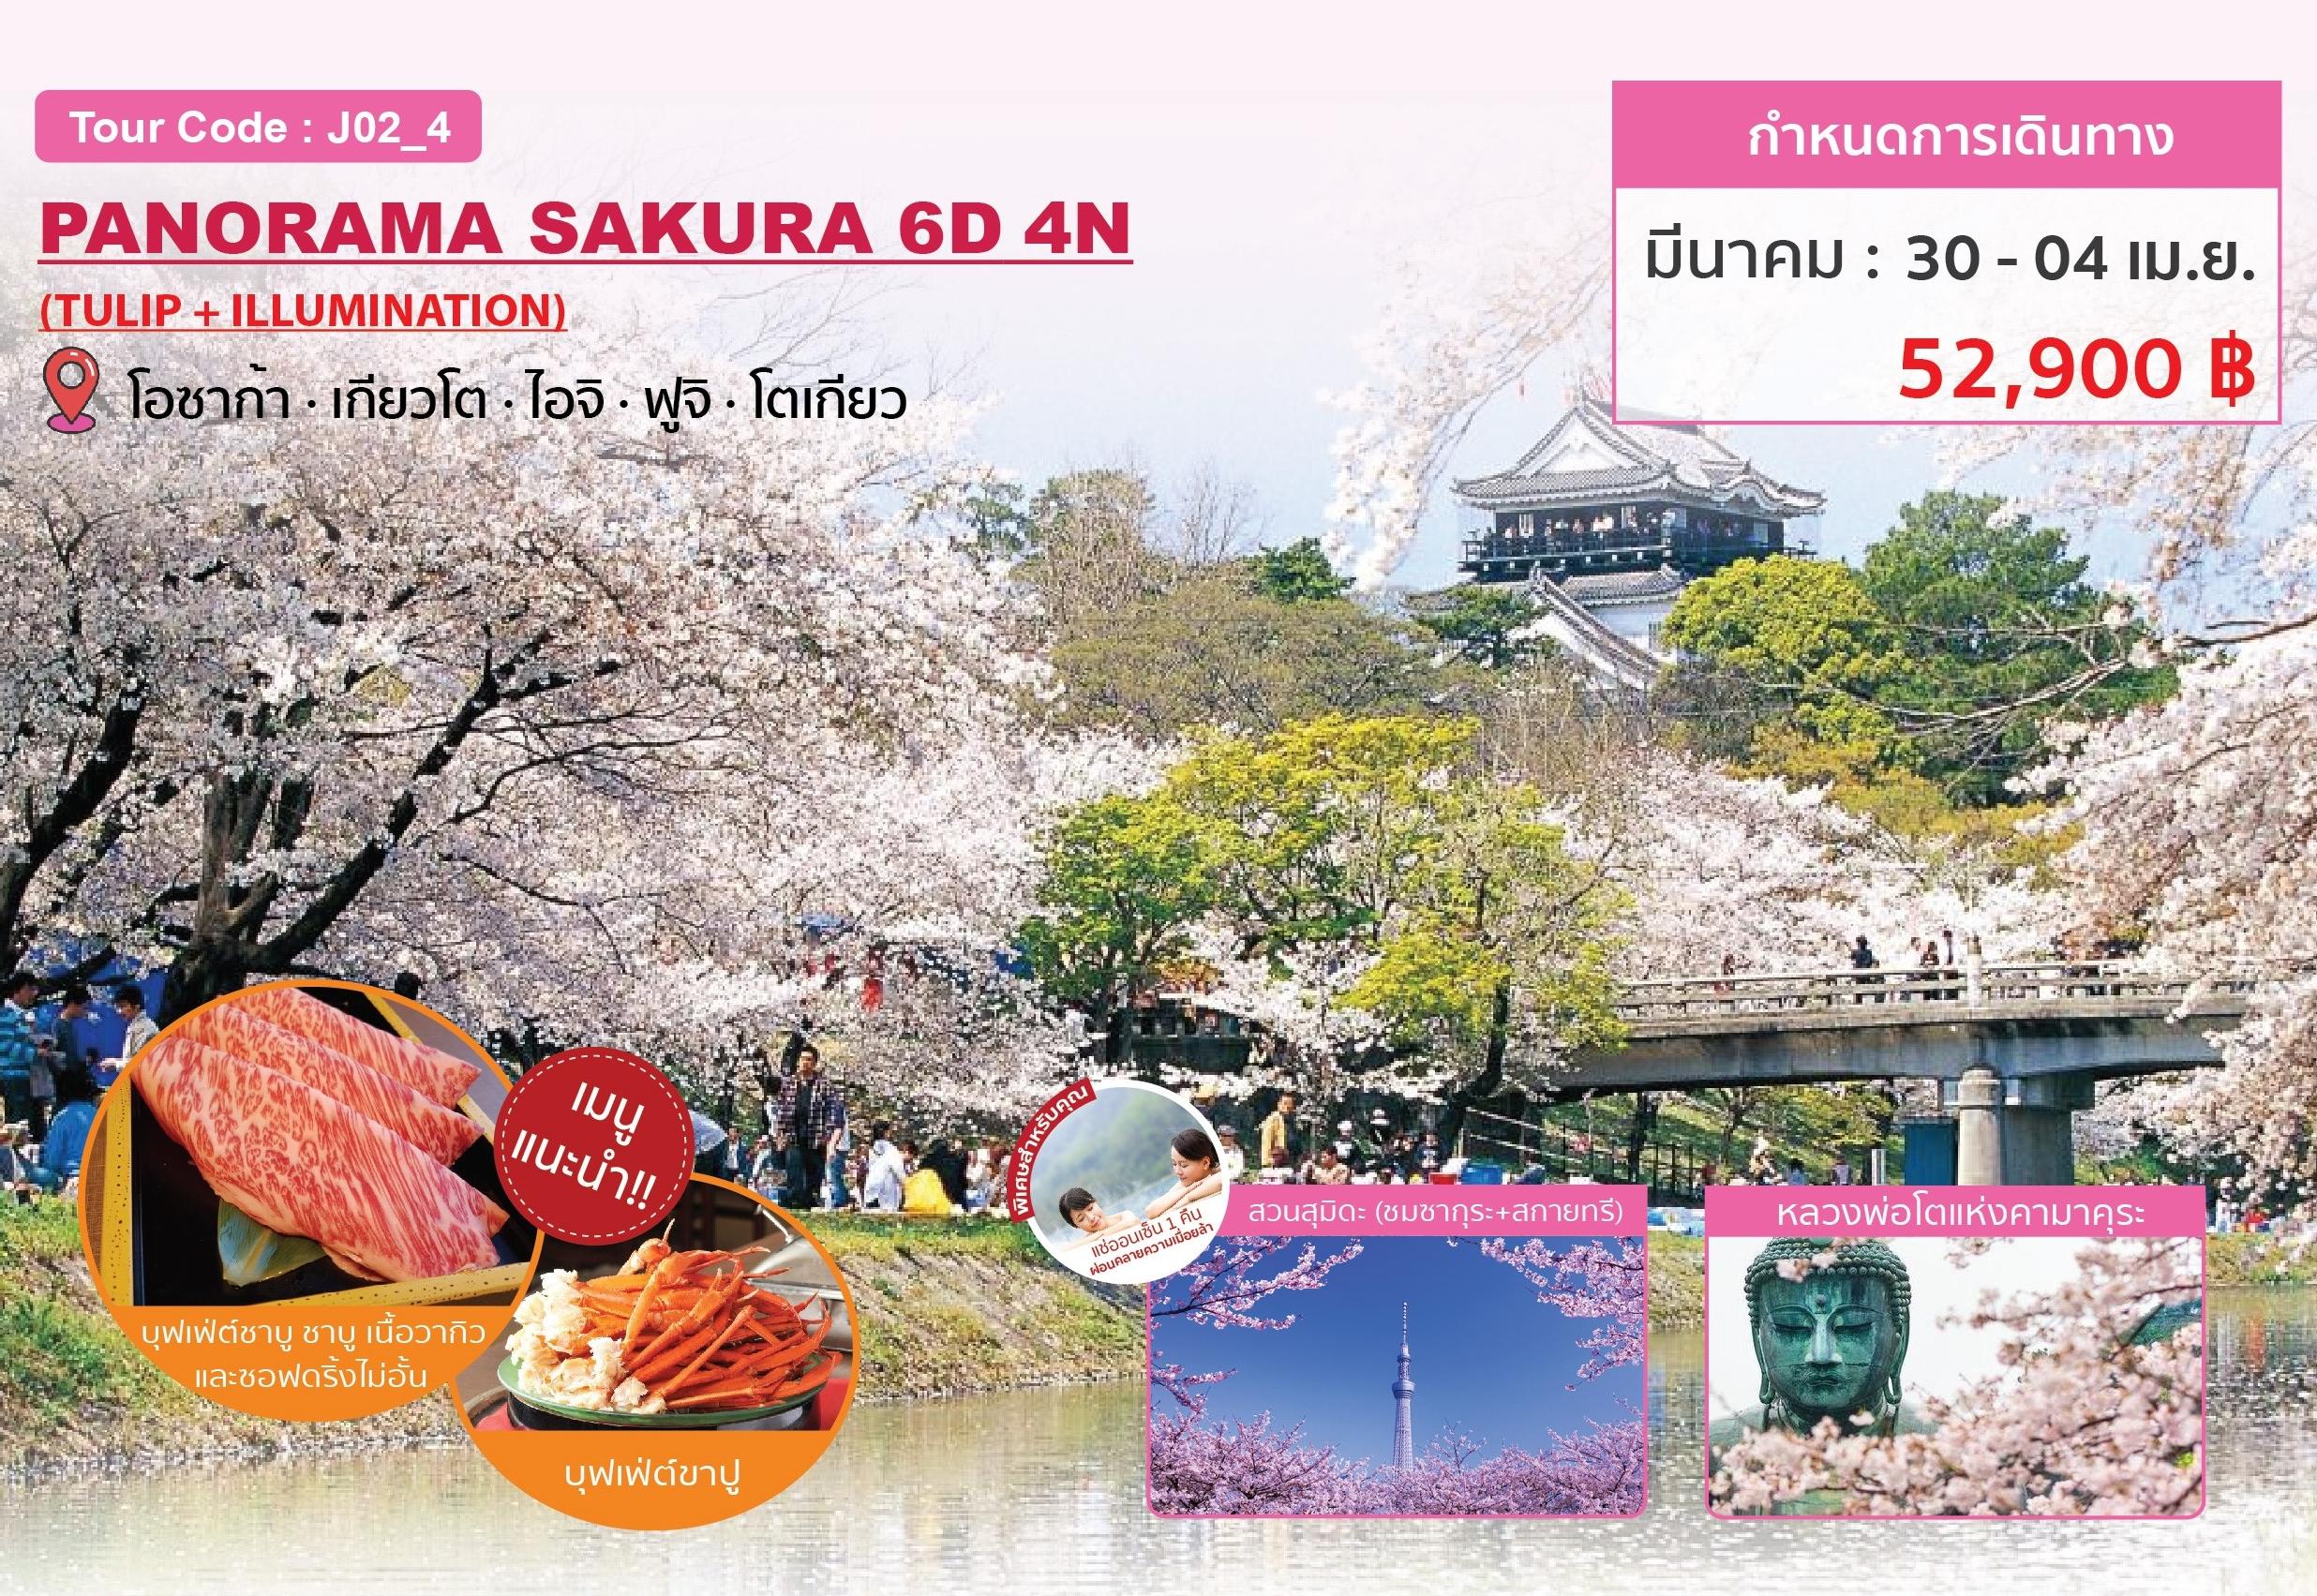 ทัวร์ญี่ปุ่น-PANORAMA-SAKURA-6D4N-(30-MAR-04-APR'20)(J02_4)